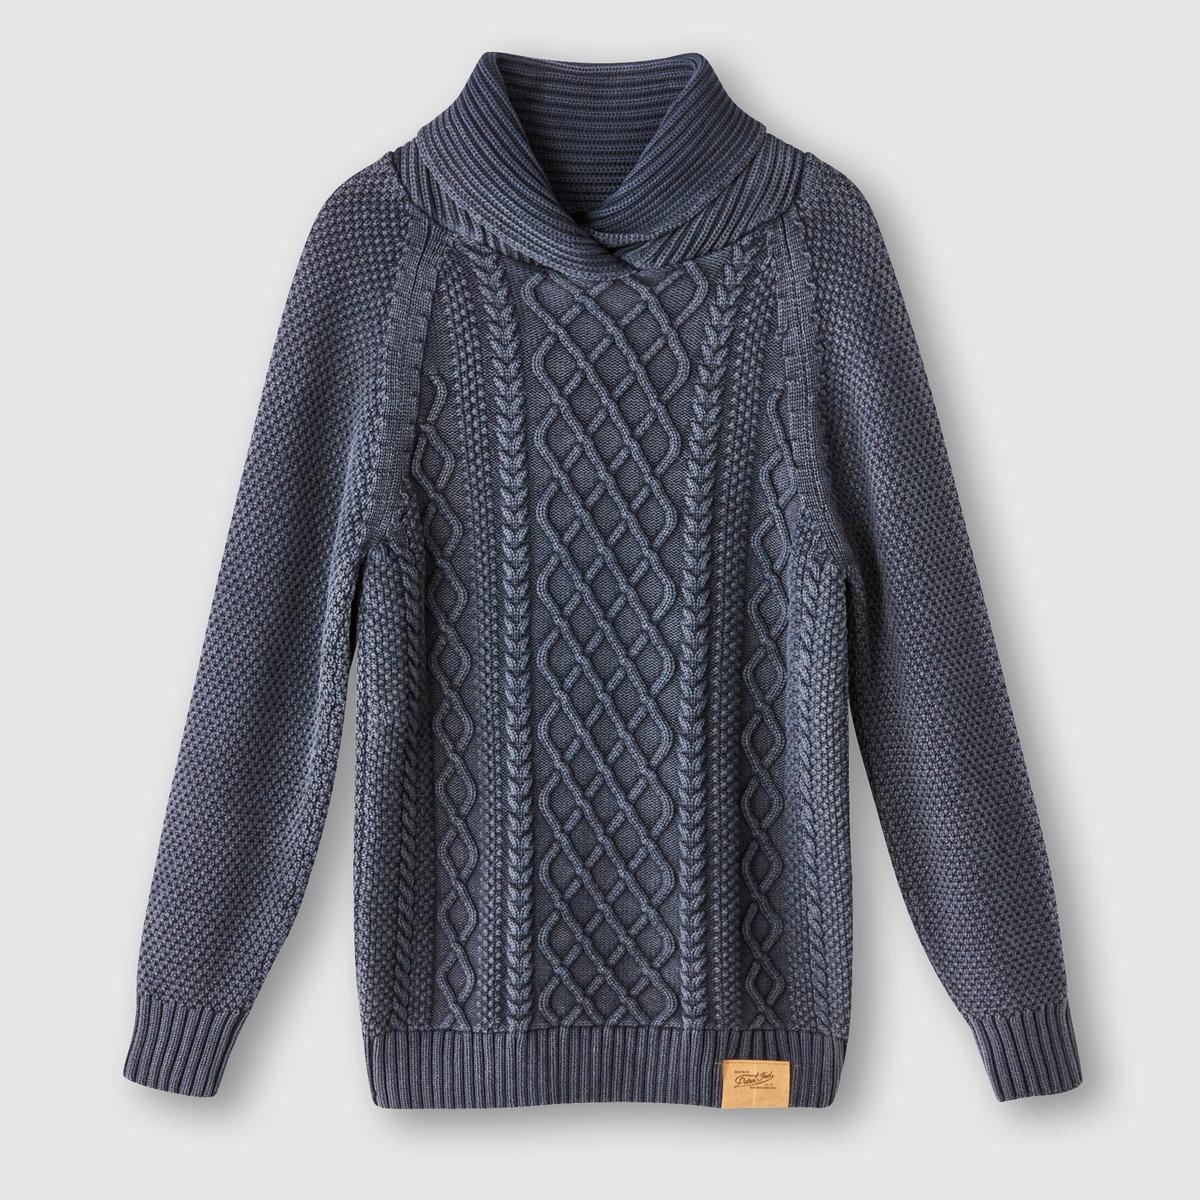 Пуловер с высоким воротником, 100% хлопкаСостав и описание:Материал: 100% хлопка.Марка: PETROL INDUSTRIES.<br><br>Цвет: синий,черный